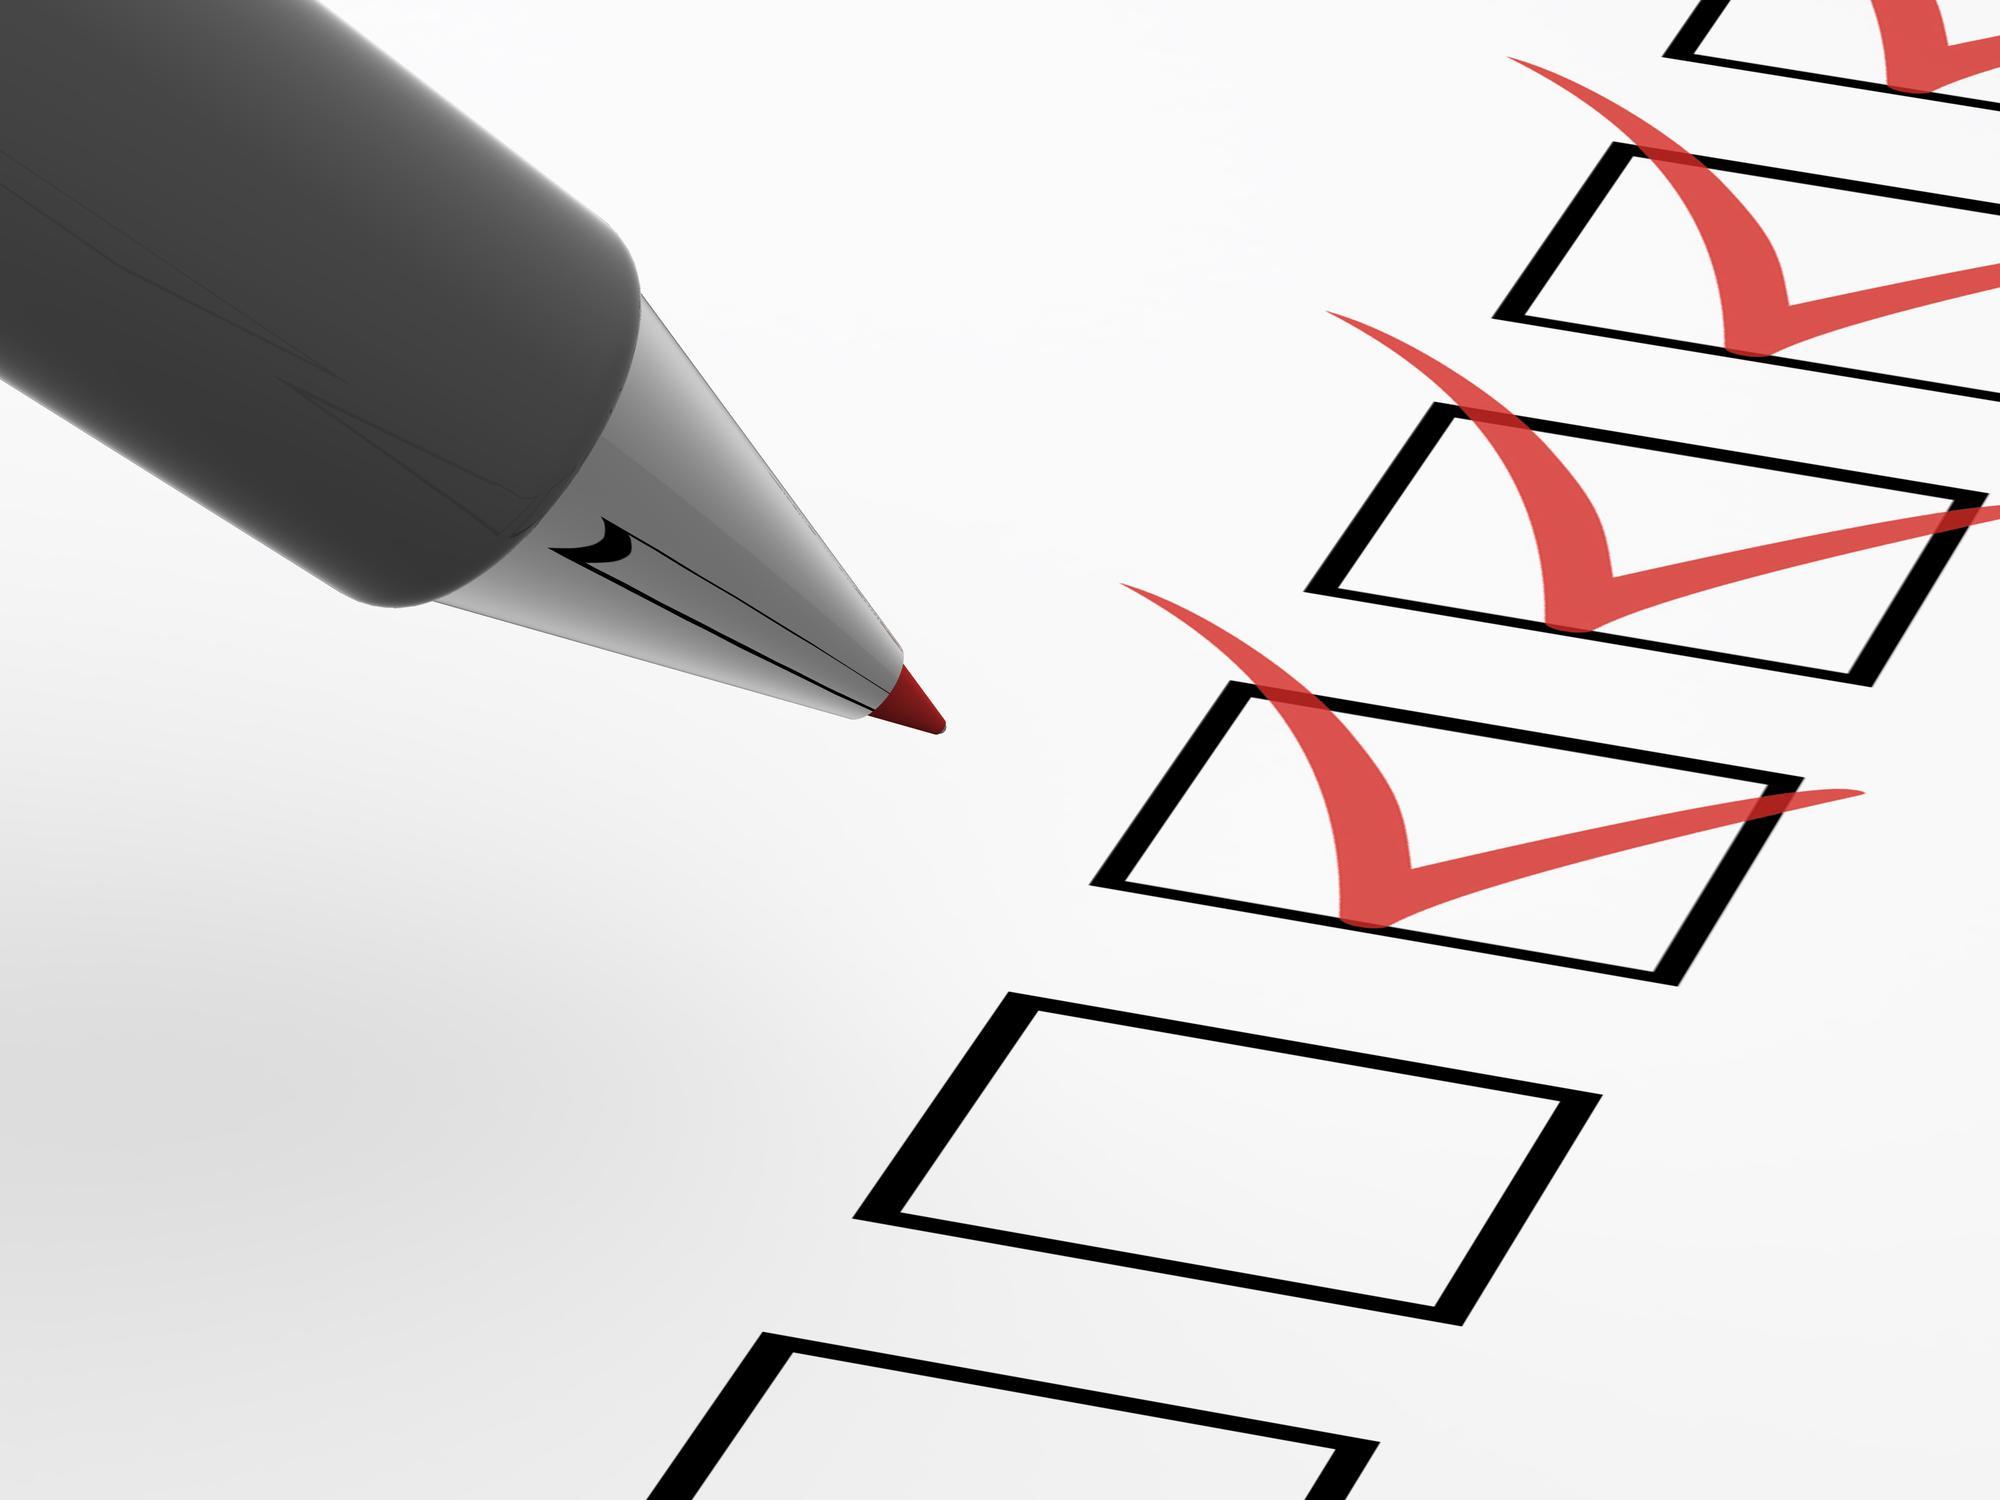 24 jun - AEGON - Qué ocurre si hay algún error en el cuestionario previo del seguro de vida